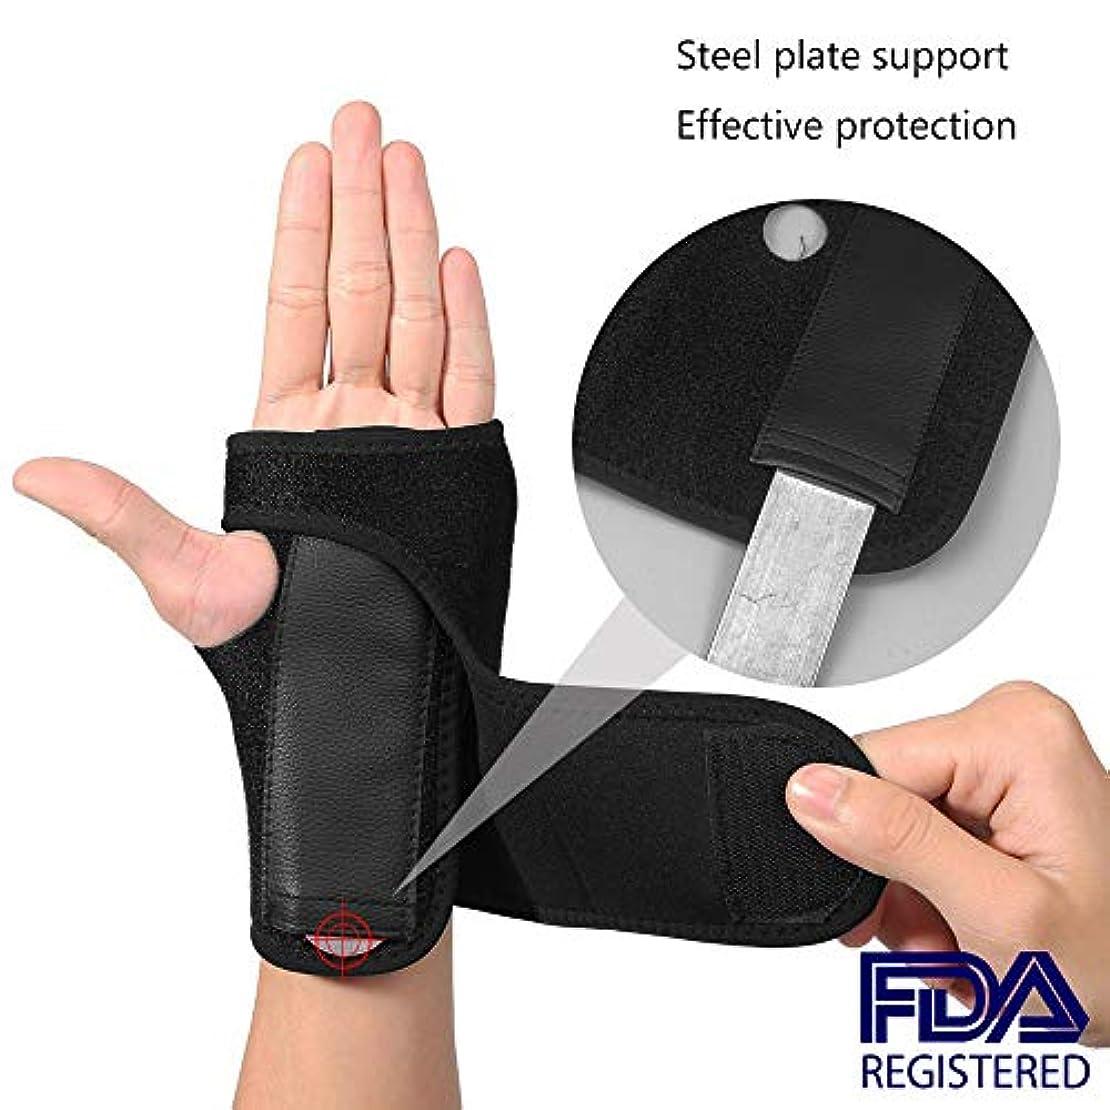 ひどい段落祈る手首のサポート-調節可能なブレースストラップバンド-右手と左手で手根管、手首の関節炎の痛み、捻rain、疲労を和らげます